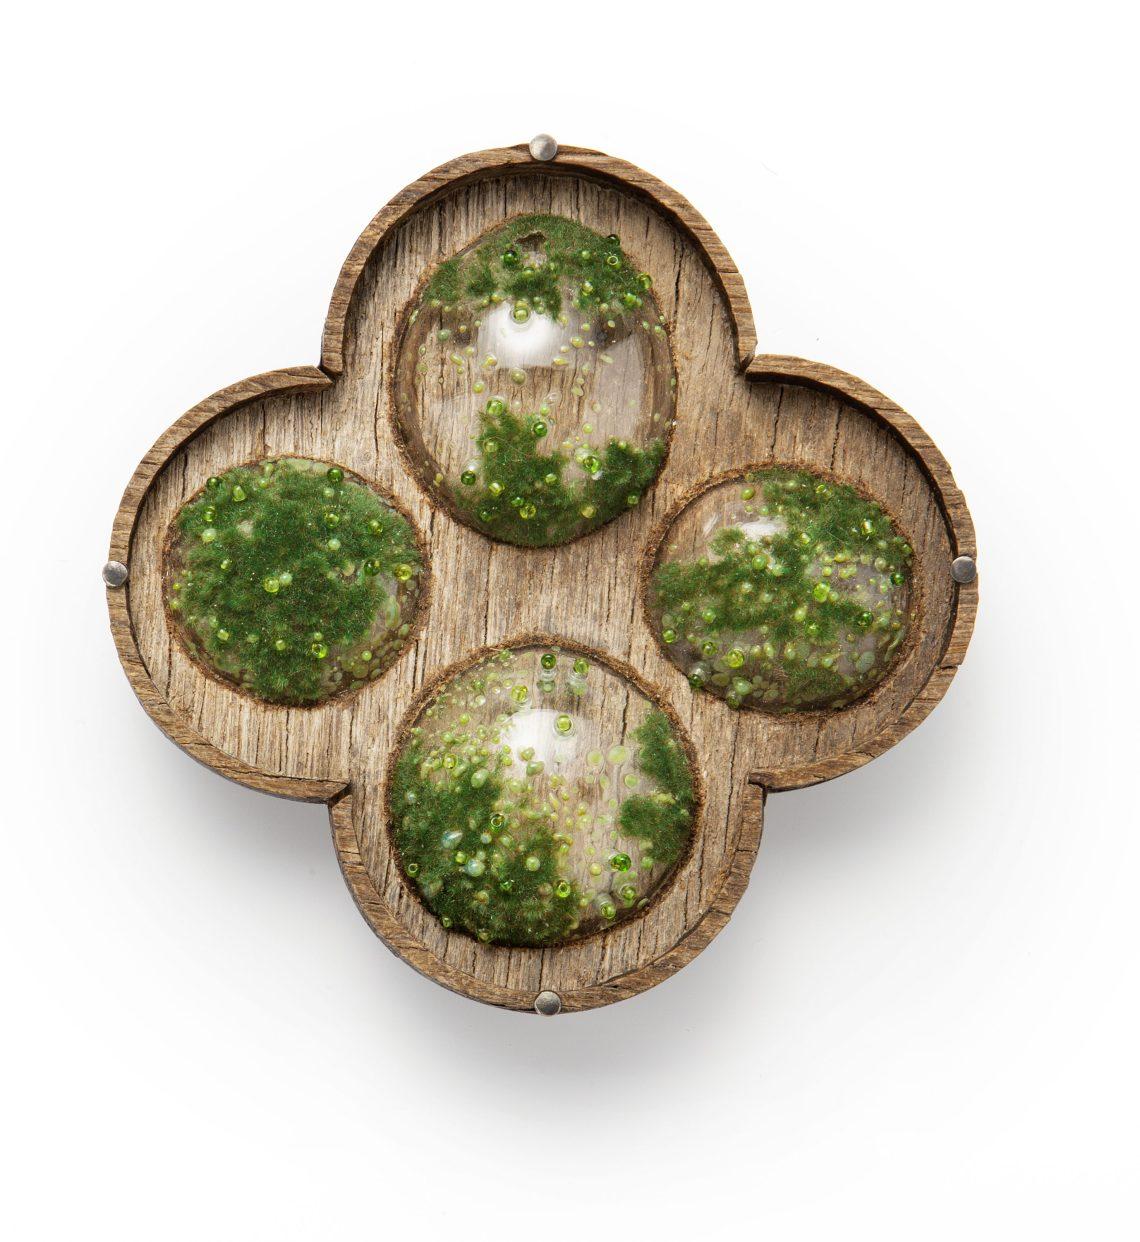 Evert Nijland, Moss, broche, Ornament, 2012-2013. Foto met dank aan CODA©